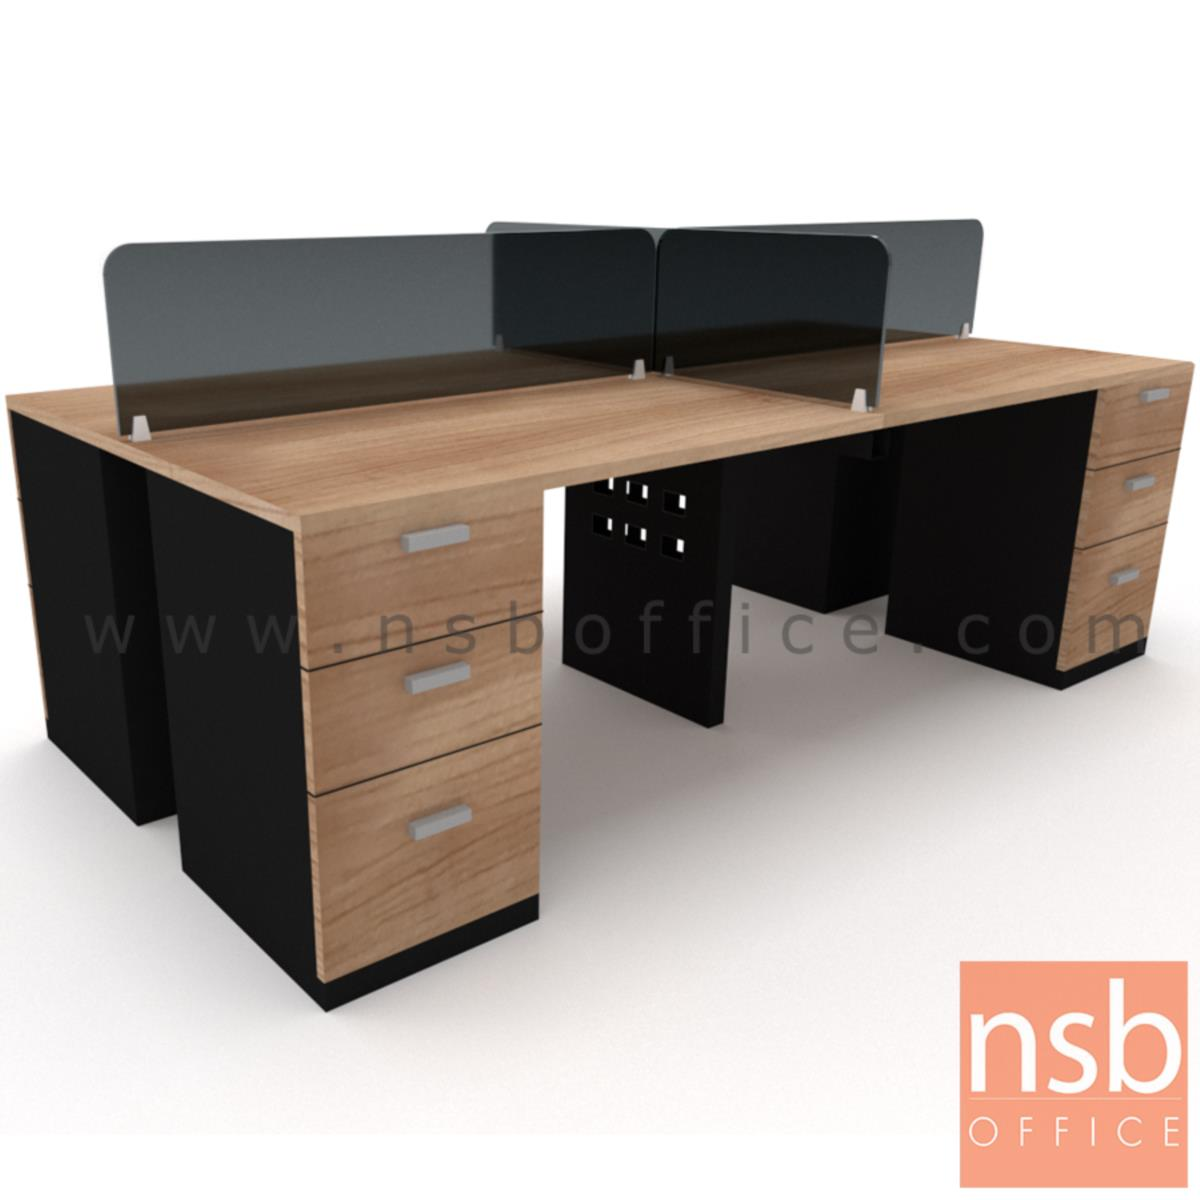 A27A010:ชุดโต๊ะทำงานกลุ่ม   ขนาด 240W ,270W ,300 cm.  พร้อมลิ้นชักกล่อง ขากลางเหล็กมีกล่องพร้อมช่องปลั๊ก